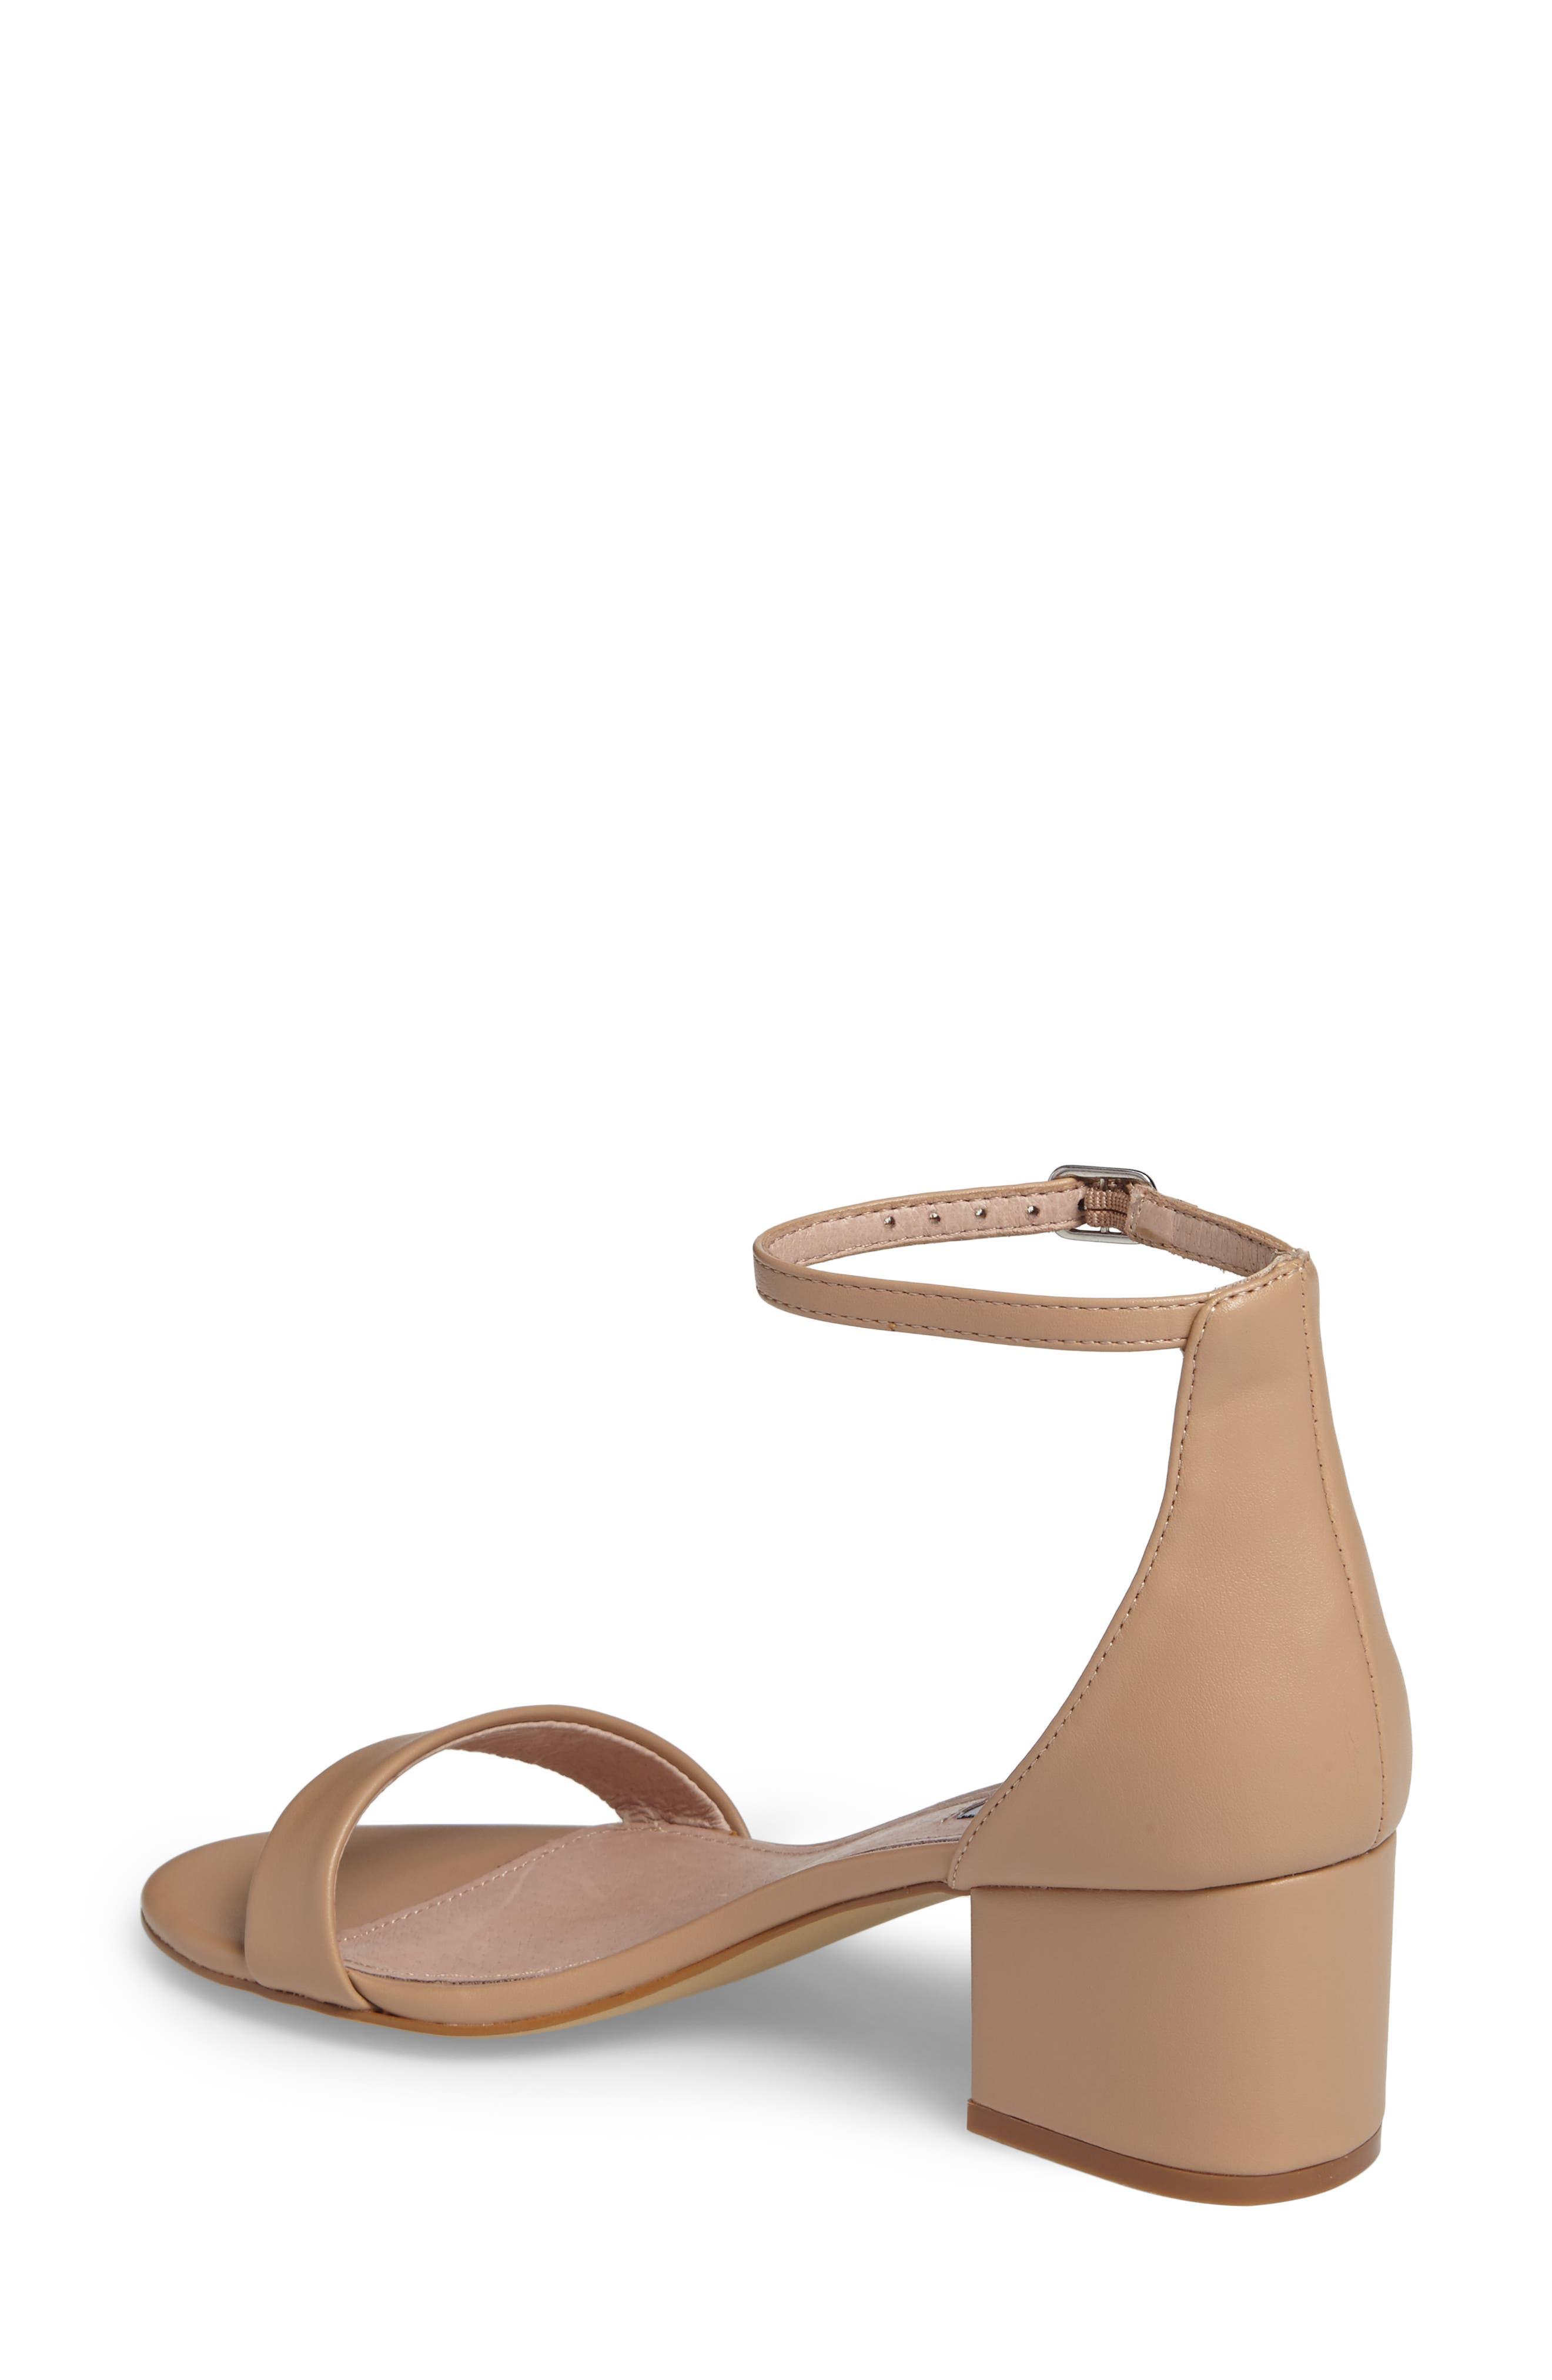 Irenee Ankle Strap Sandal,                             Alternate thumbnail 36, color,